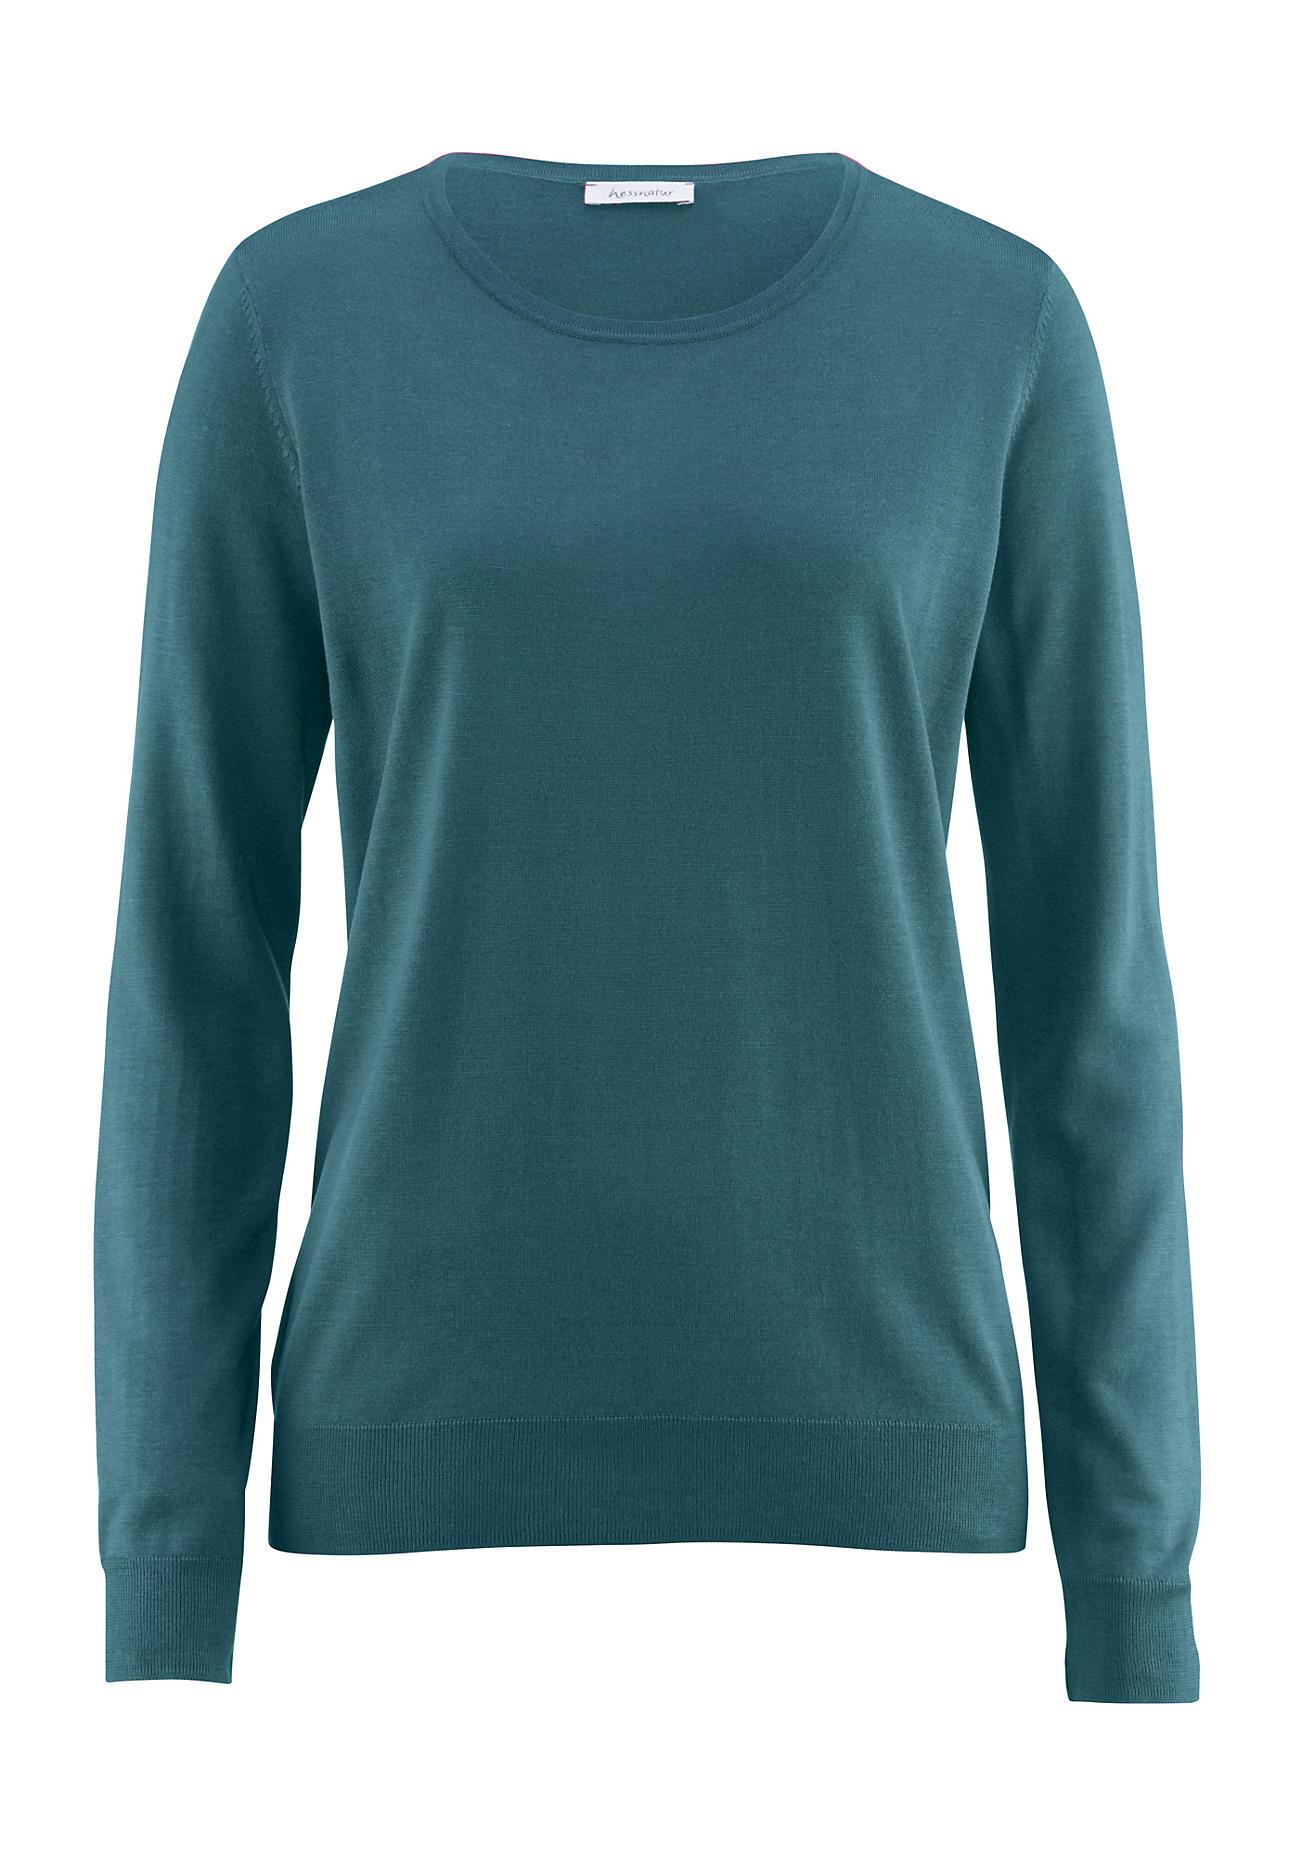 hessnatur Damen Pullover aus Bio Seide – grün – Größe 38